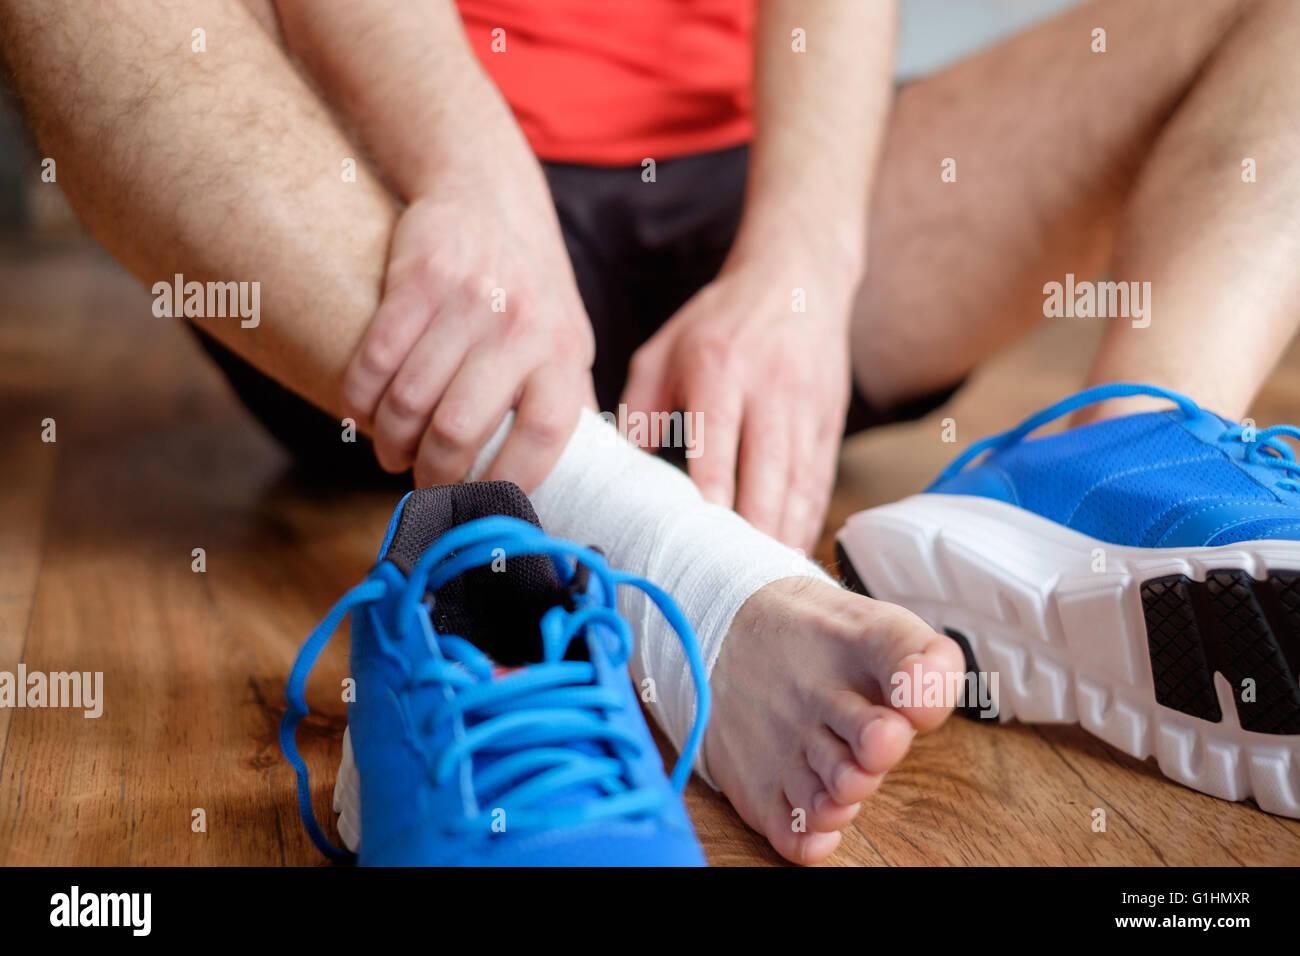 Massaggio sportivo la sua caviglia infortunata dopo un incidente di sport Immagini Stock